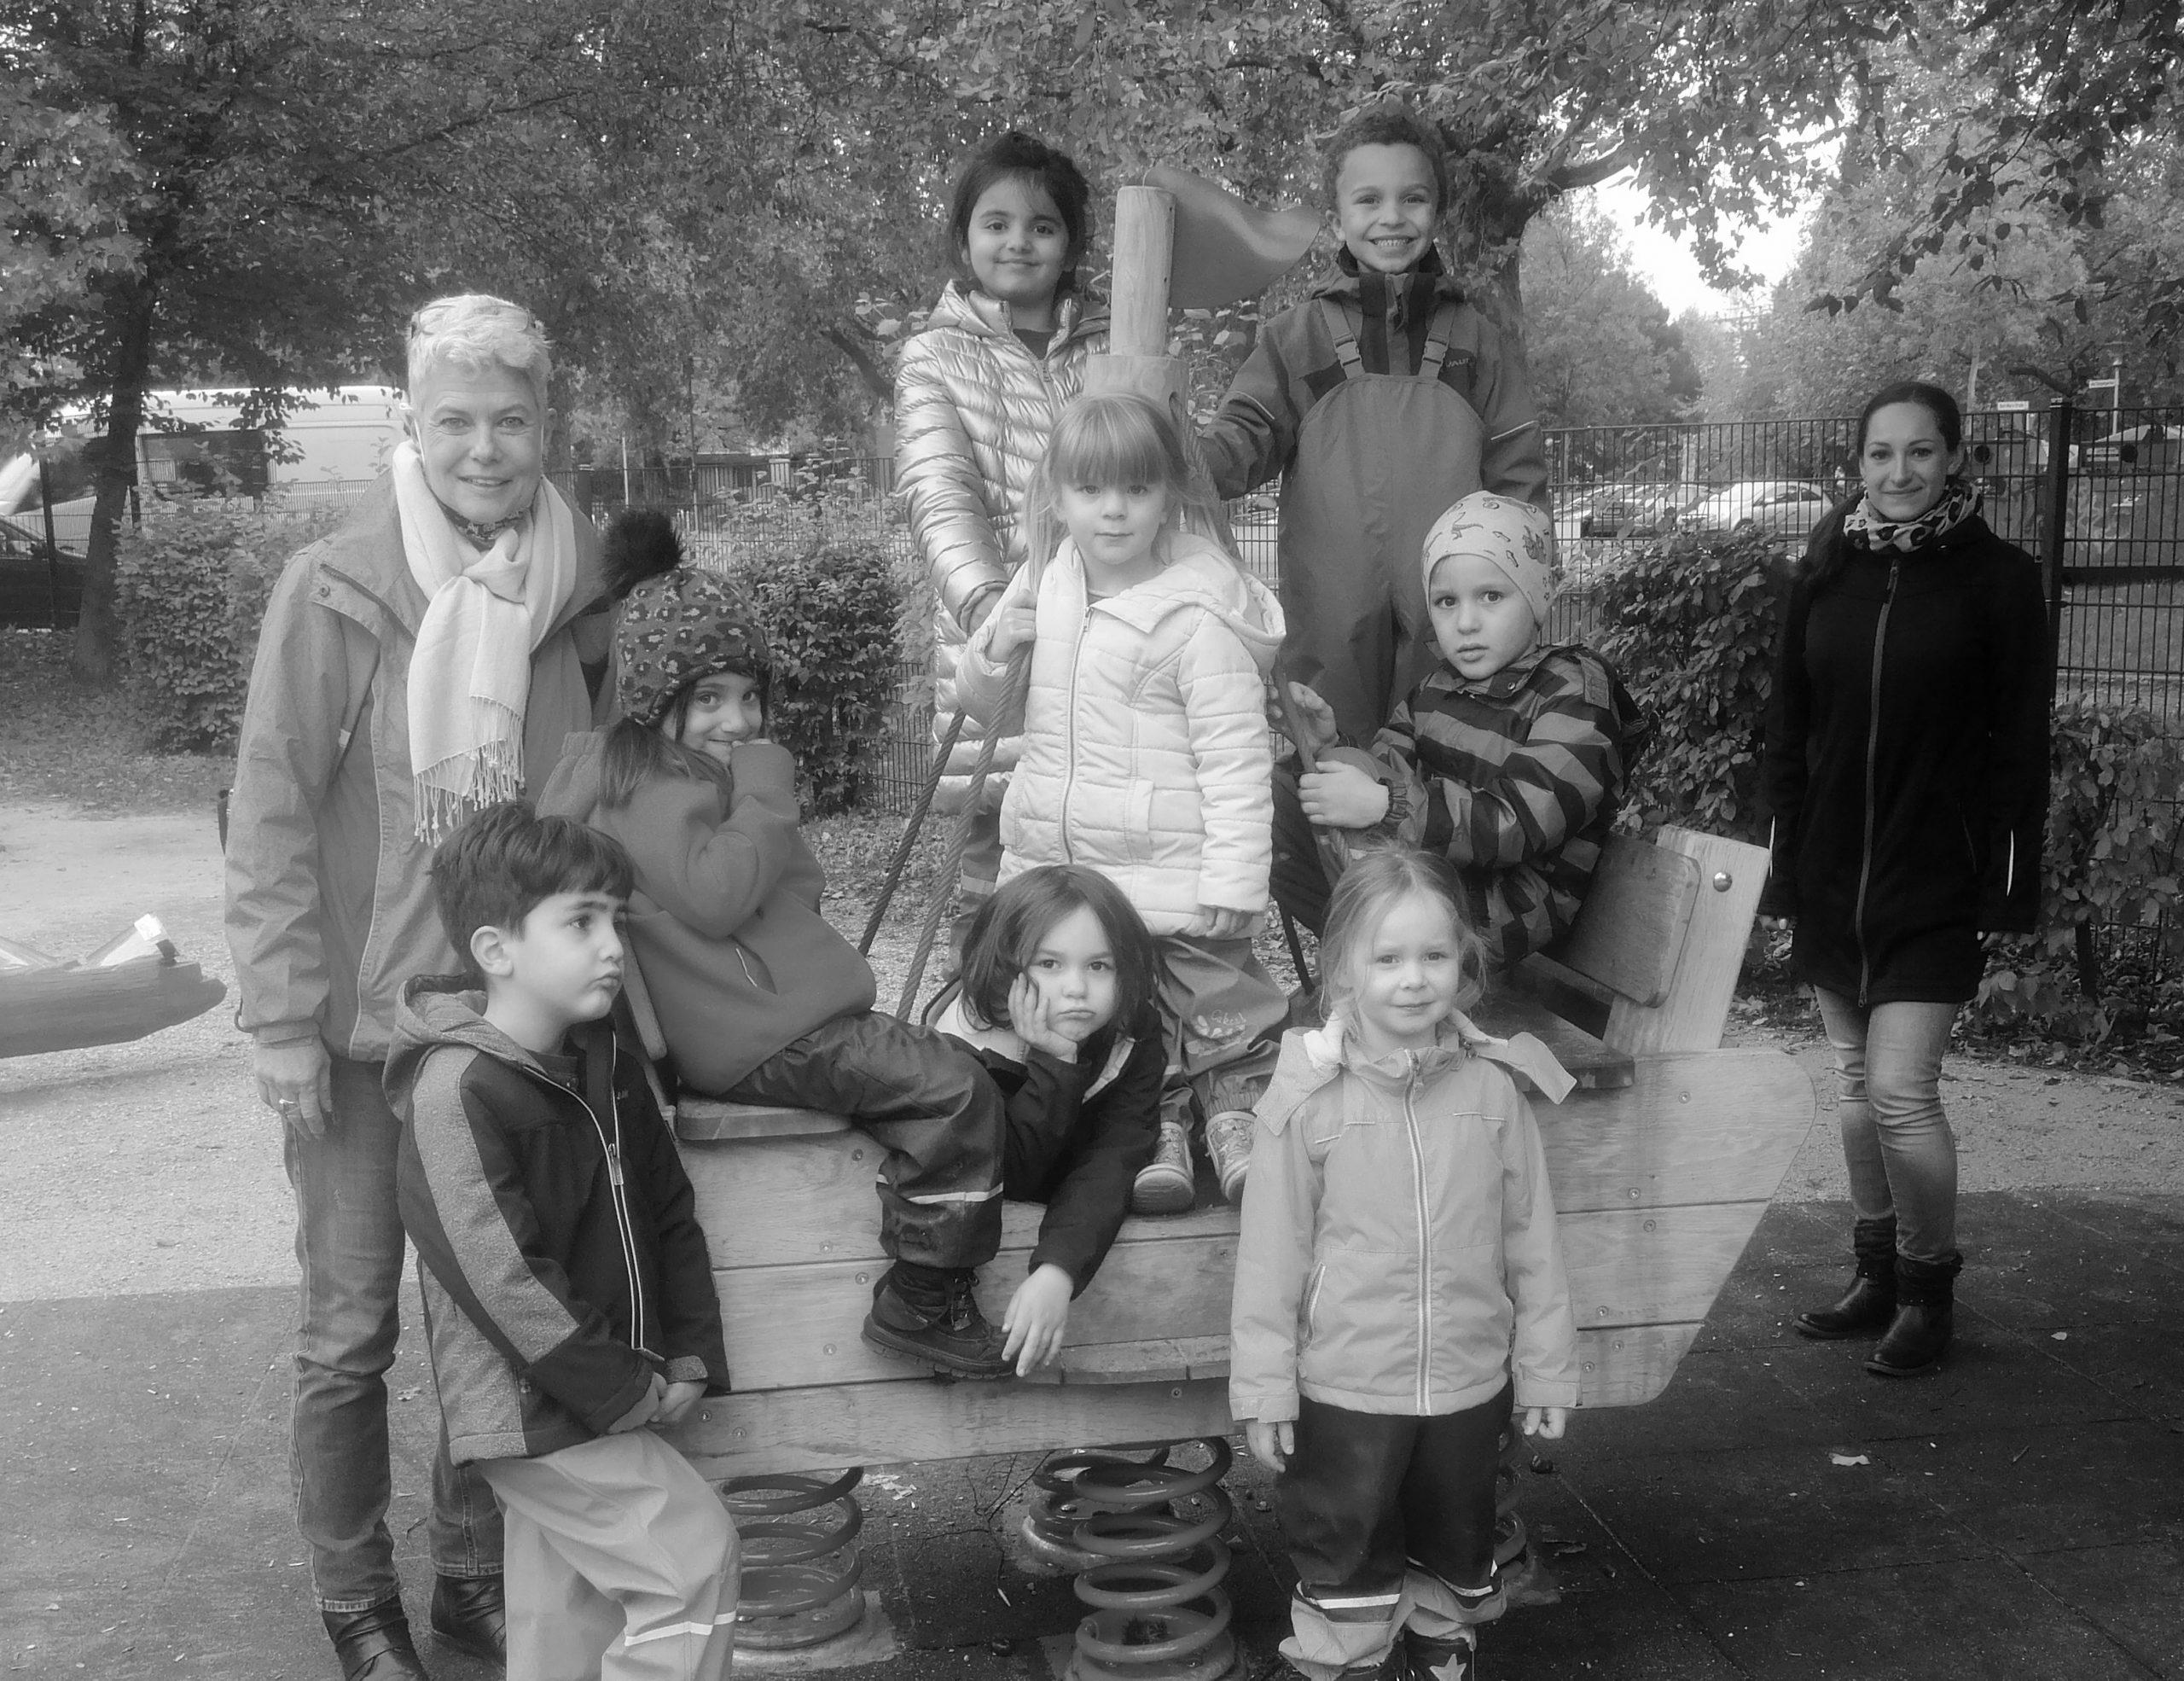 Erzieherinnen und Kinder der Kita Alice Salomon und Carolin Kornberger